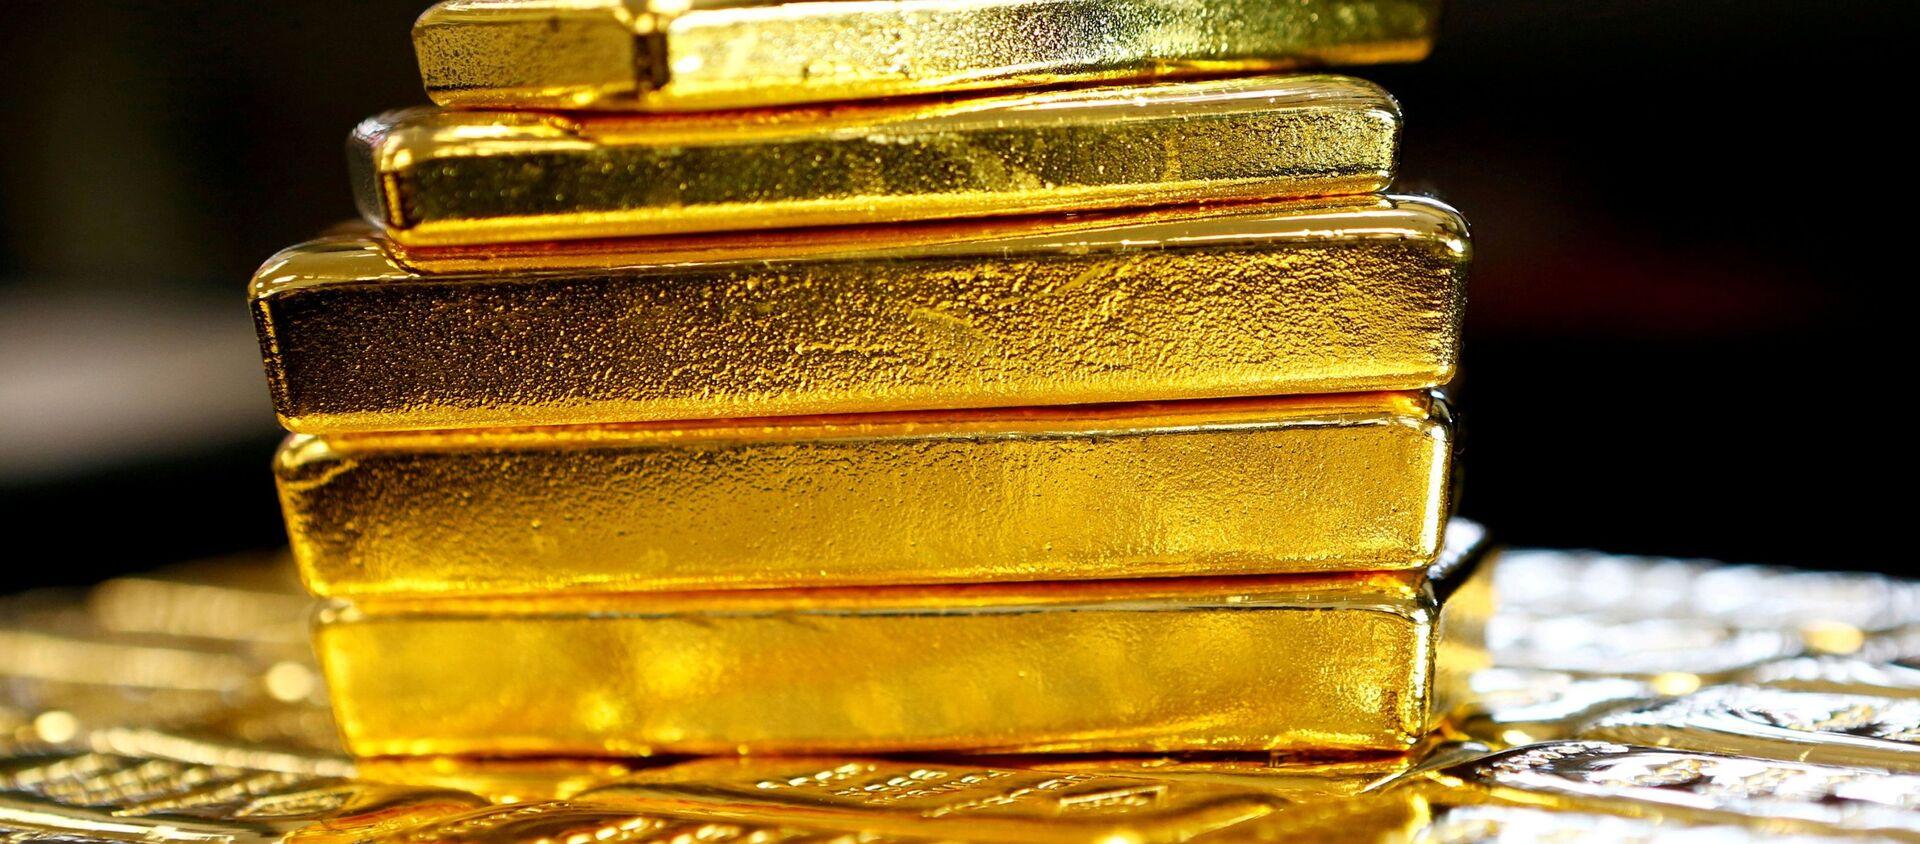 Una pila de lingotes de oro - Sputnik Mundo, 1920, 04.11.2020